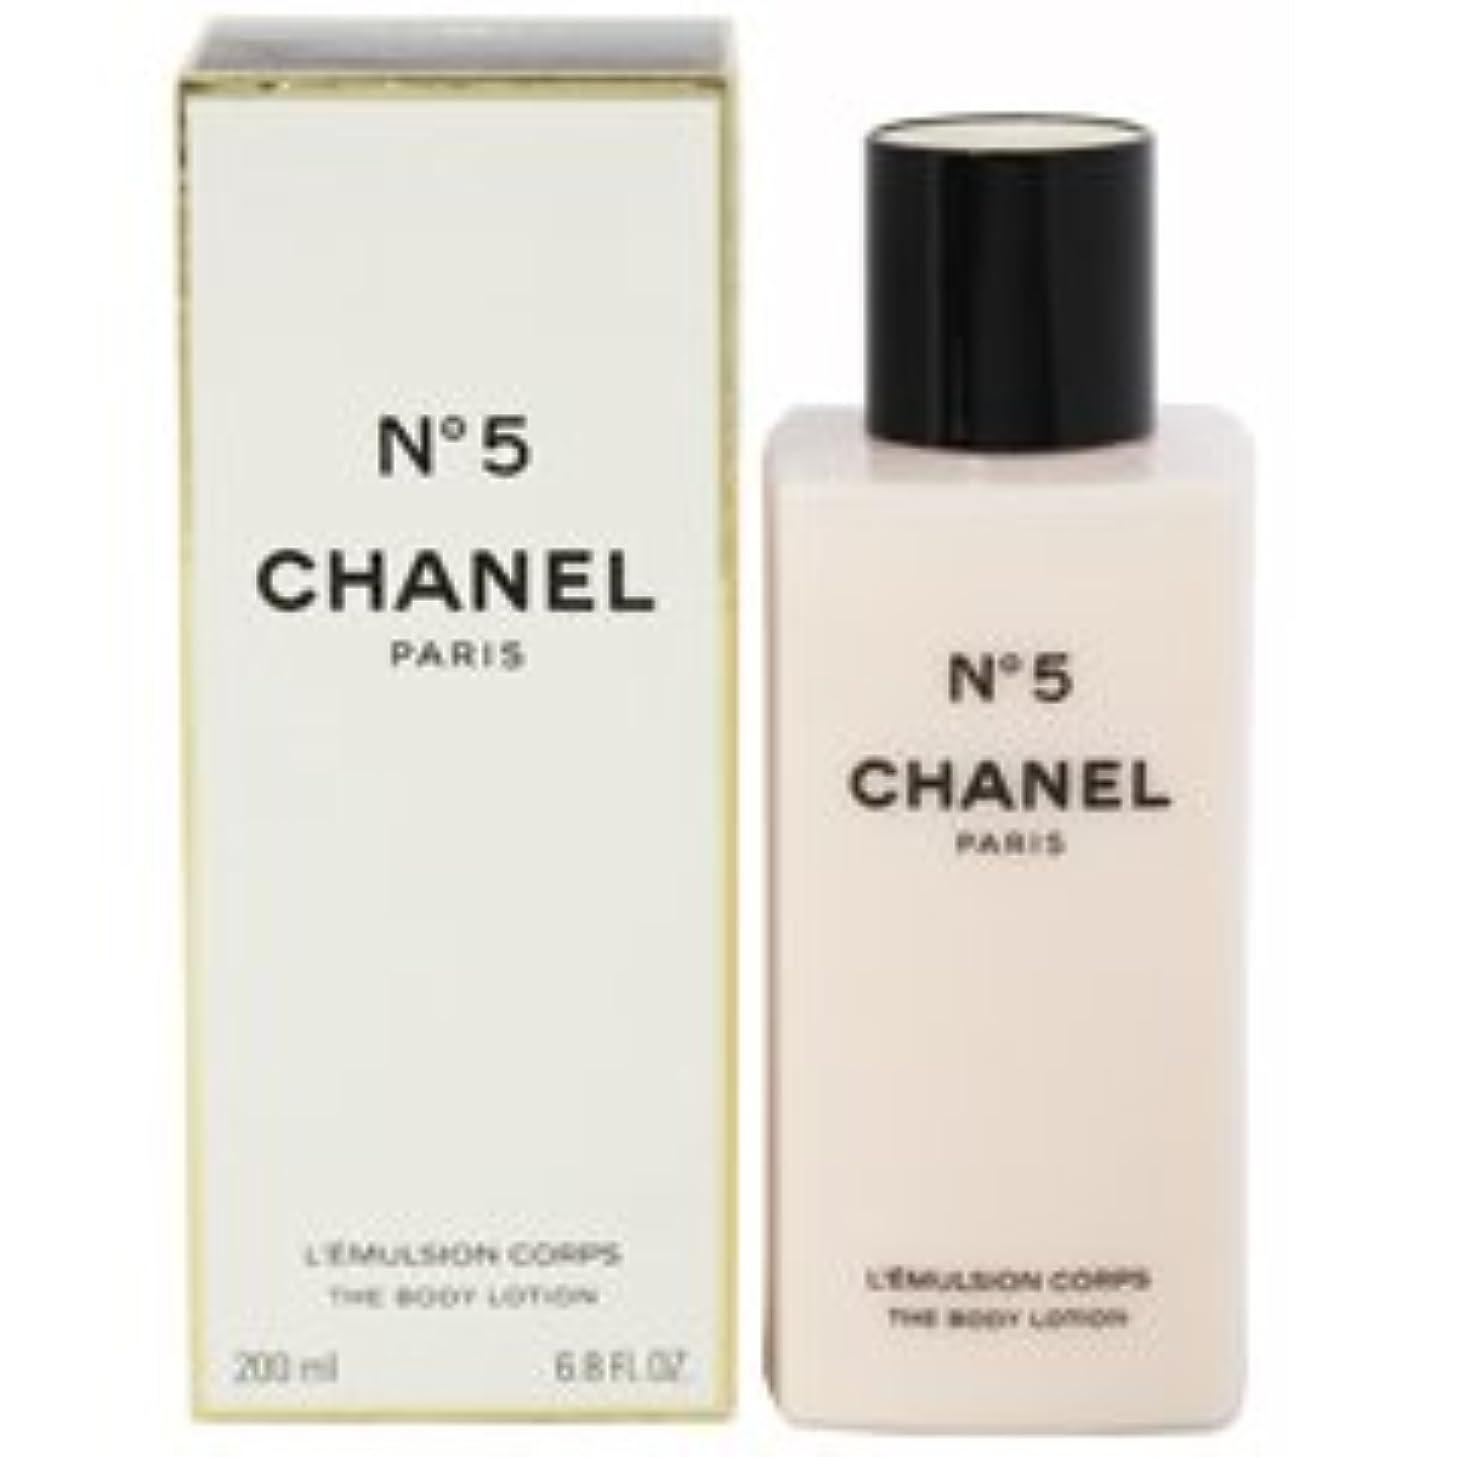 分割アンソロジー関税Chanel No. 5 (シャネル No. 5 ) 6.8 oz (200ml) Body Lotion for Women